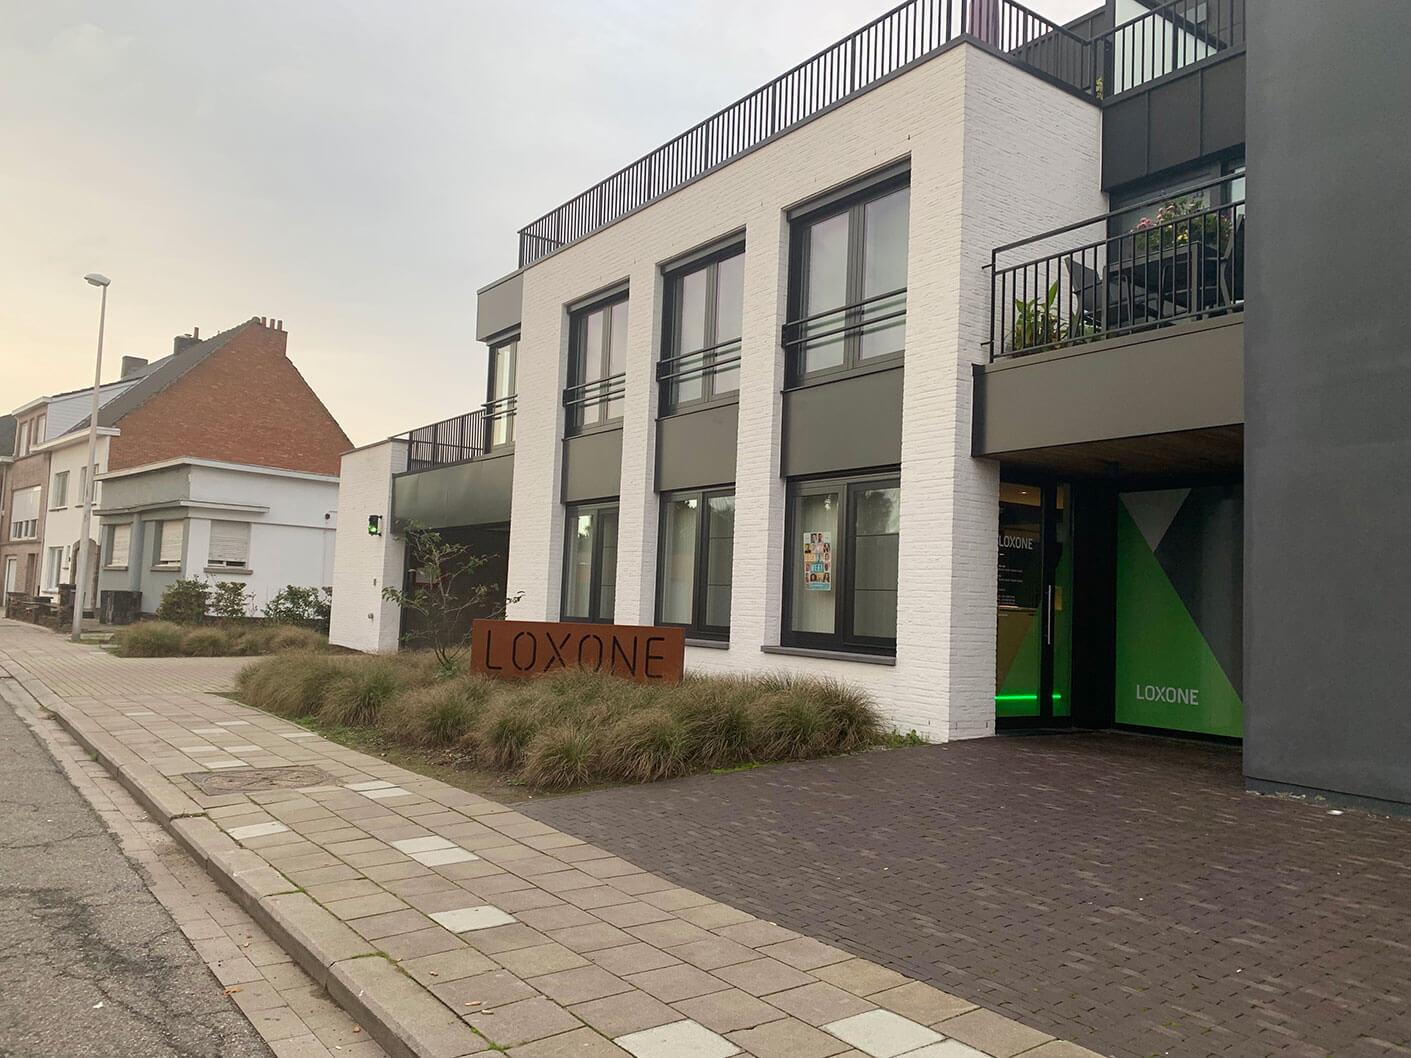 Exterior of Loxone Benelux